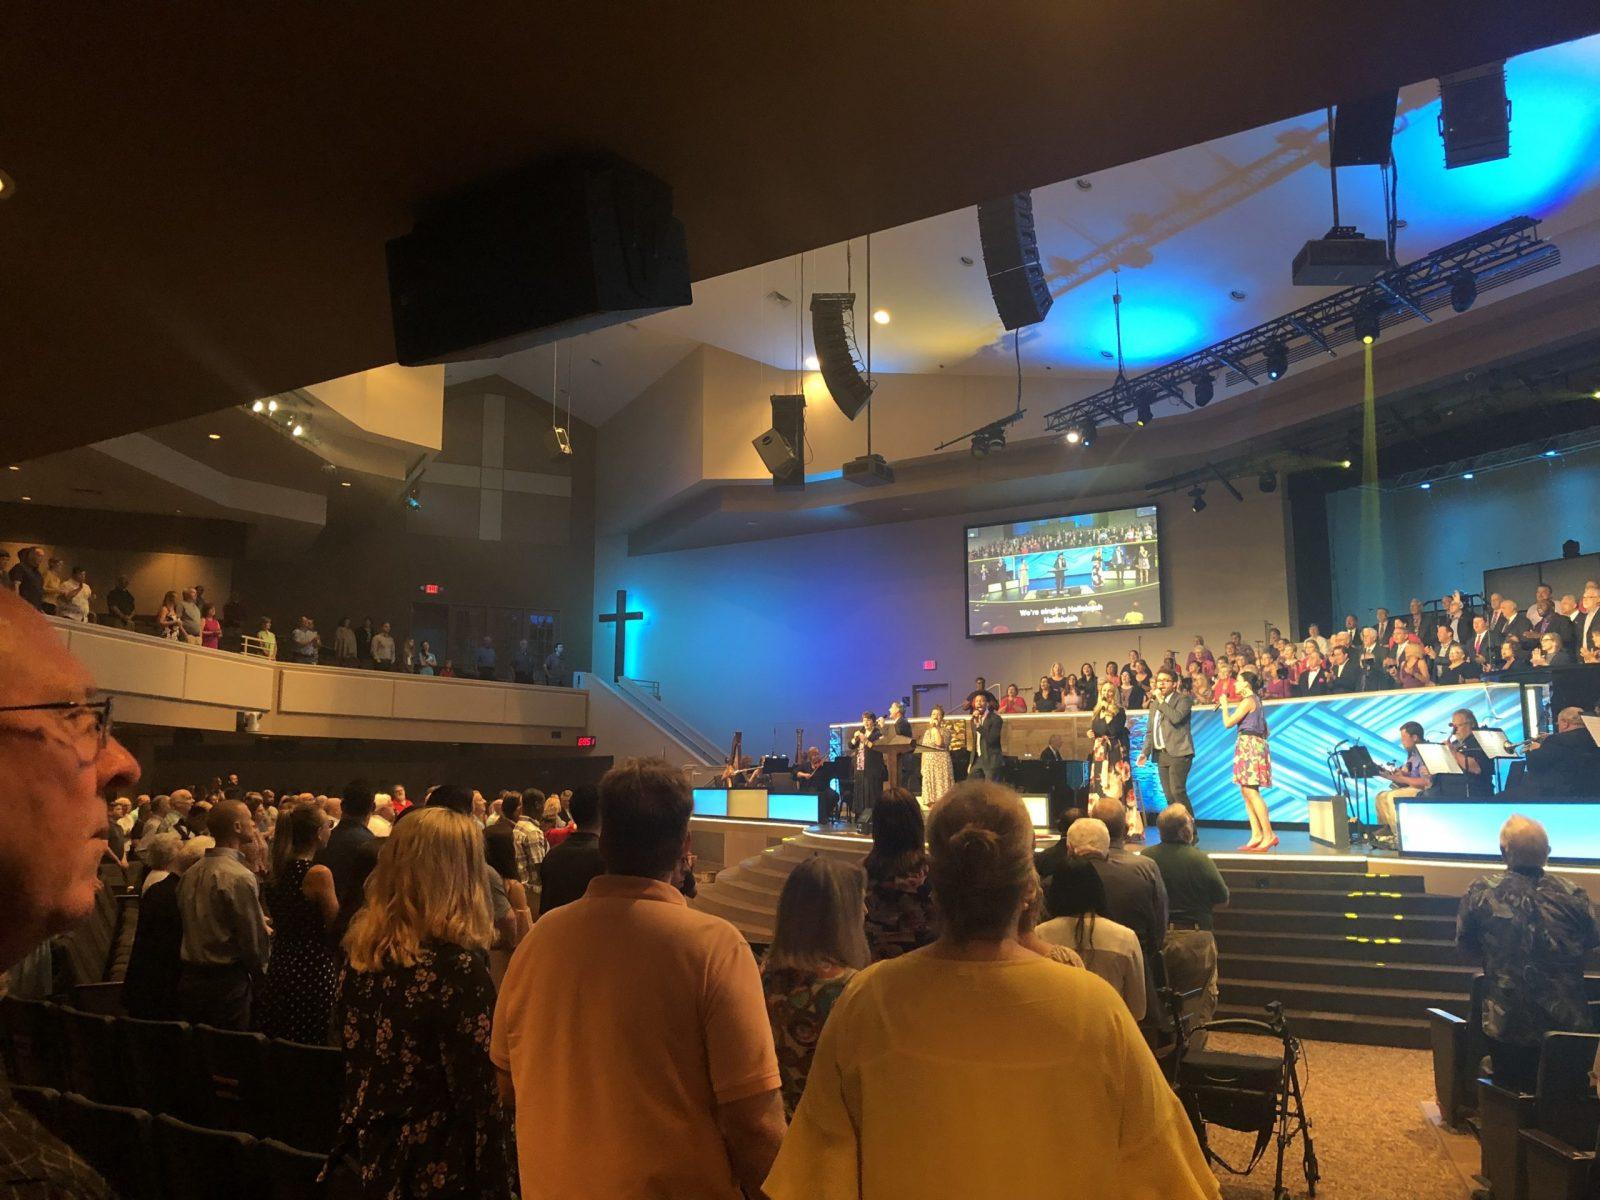 house-of-worship-avl